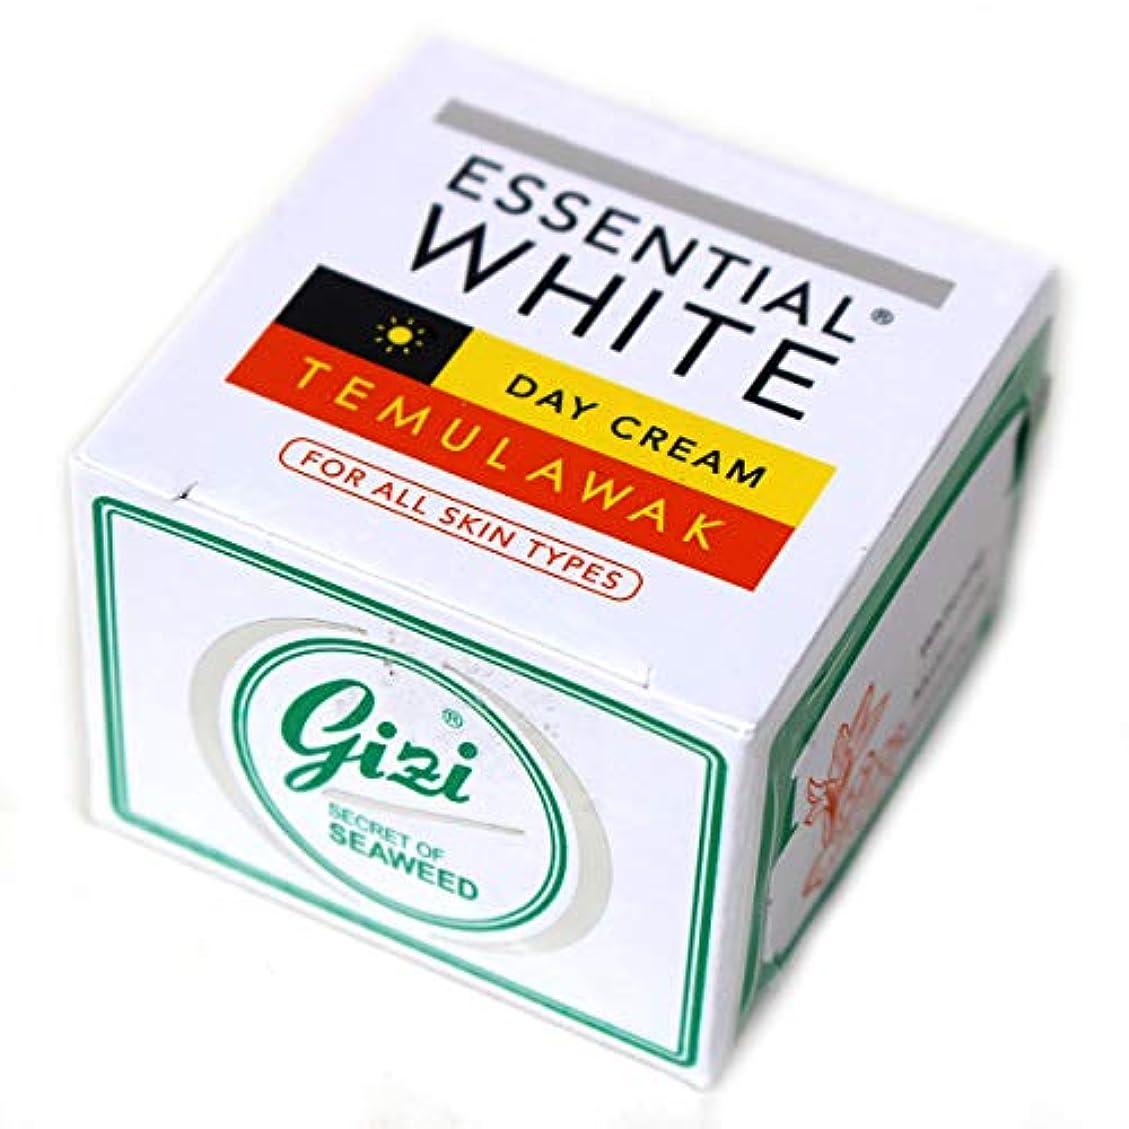 オプショナル寄り添う管理者ギジ gizi Essential White 日中用スキンケアクリーム ボトルタイプ 9g テムラワク ウコン など天然成分配合 [海外直送品]